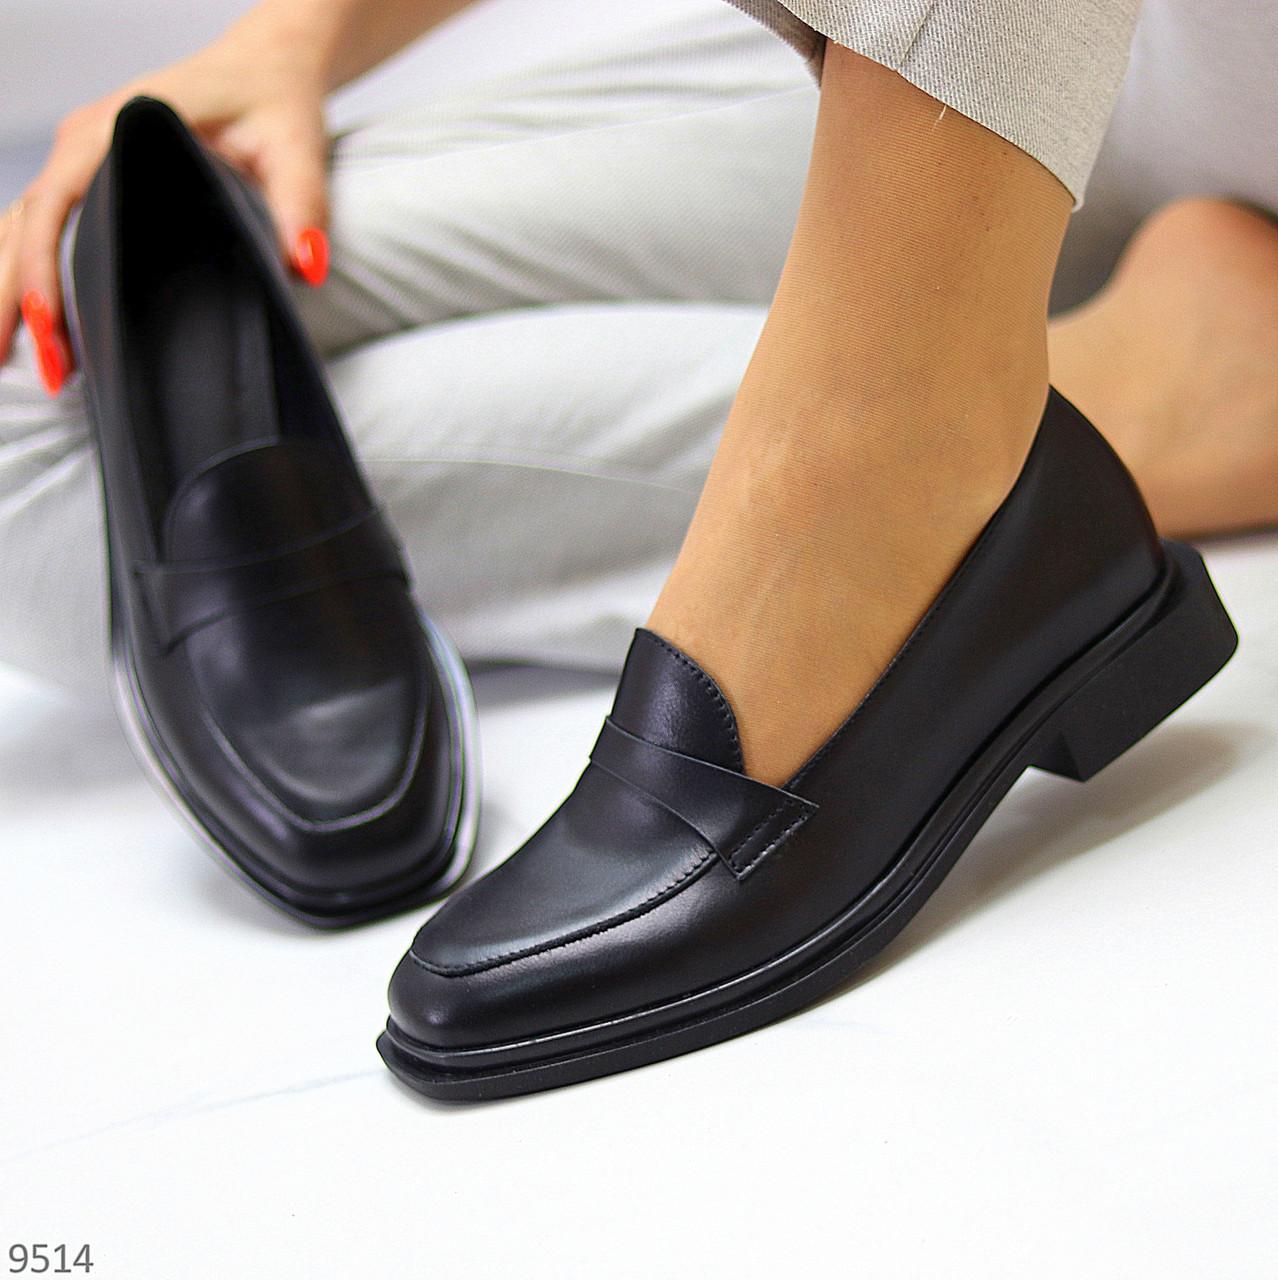 Жіночі чорні туфлі / лофери натуральна шкіра